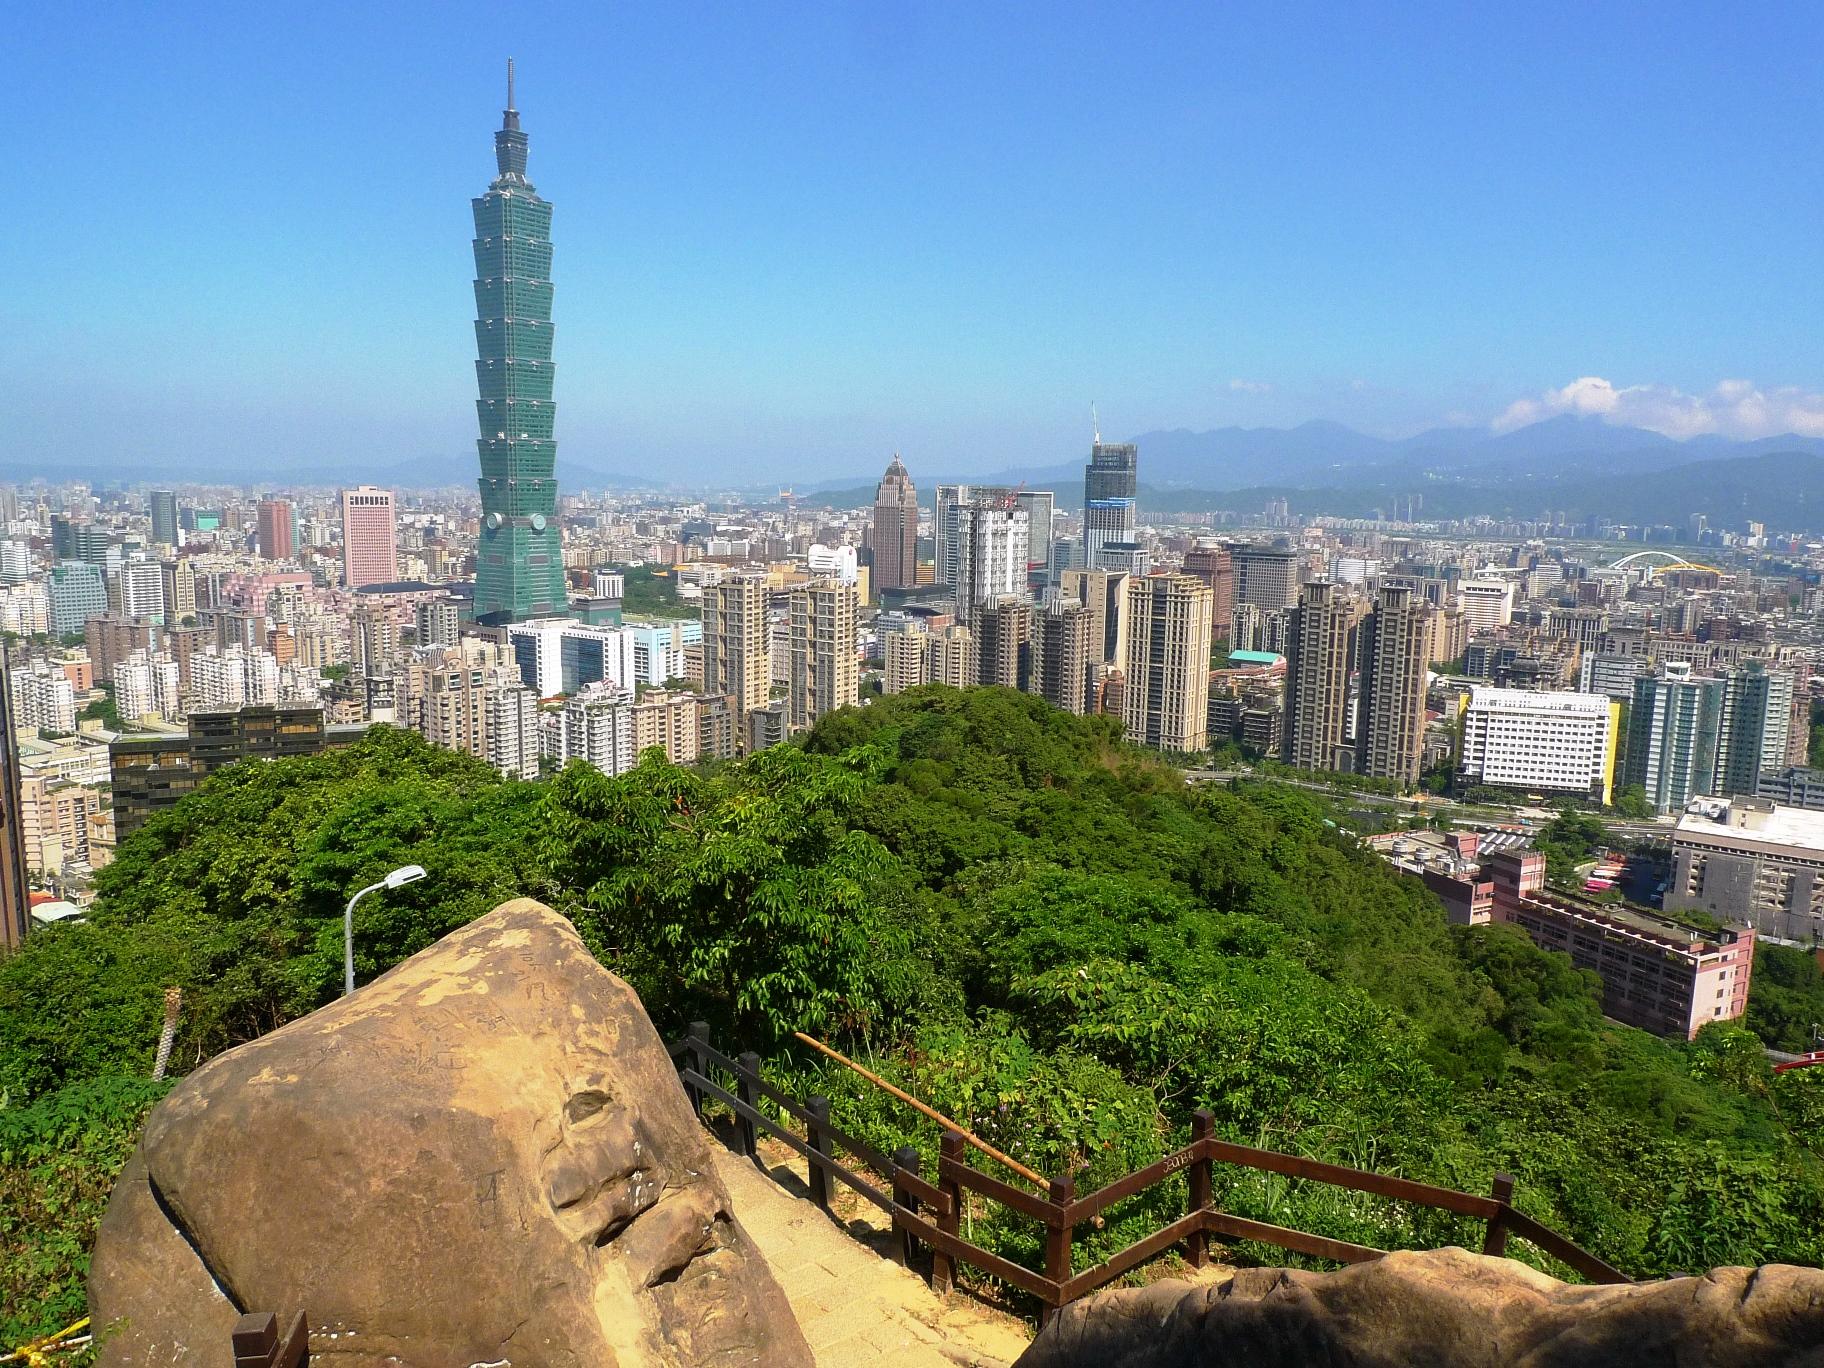 台北市内中心部に自然が残る象山からの眺め(1日目)